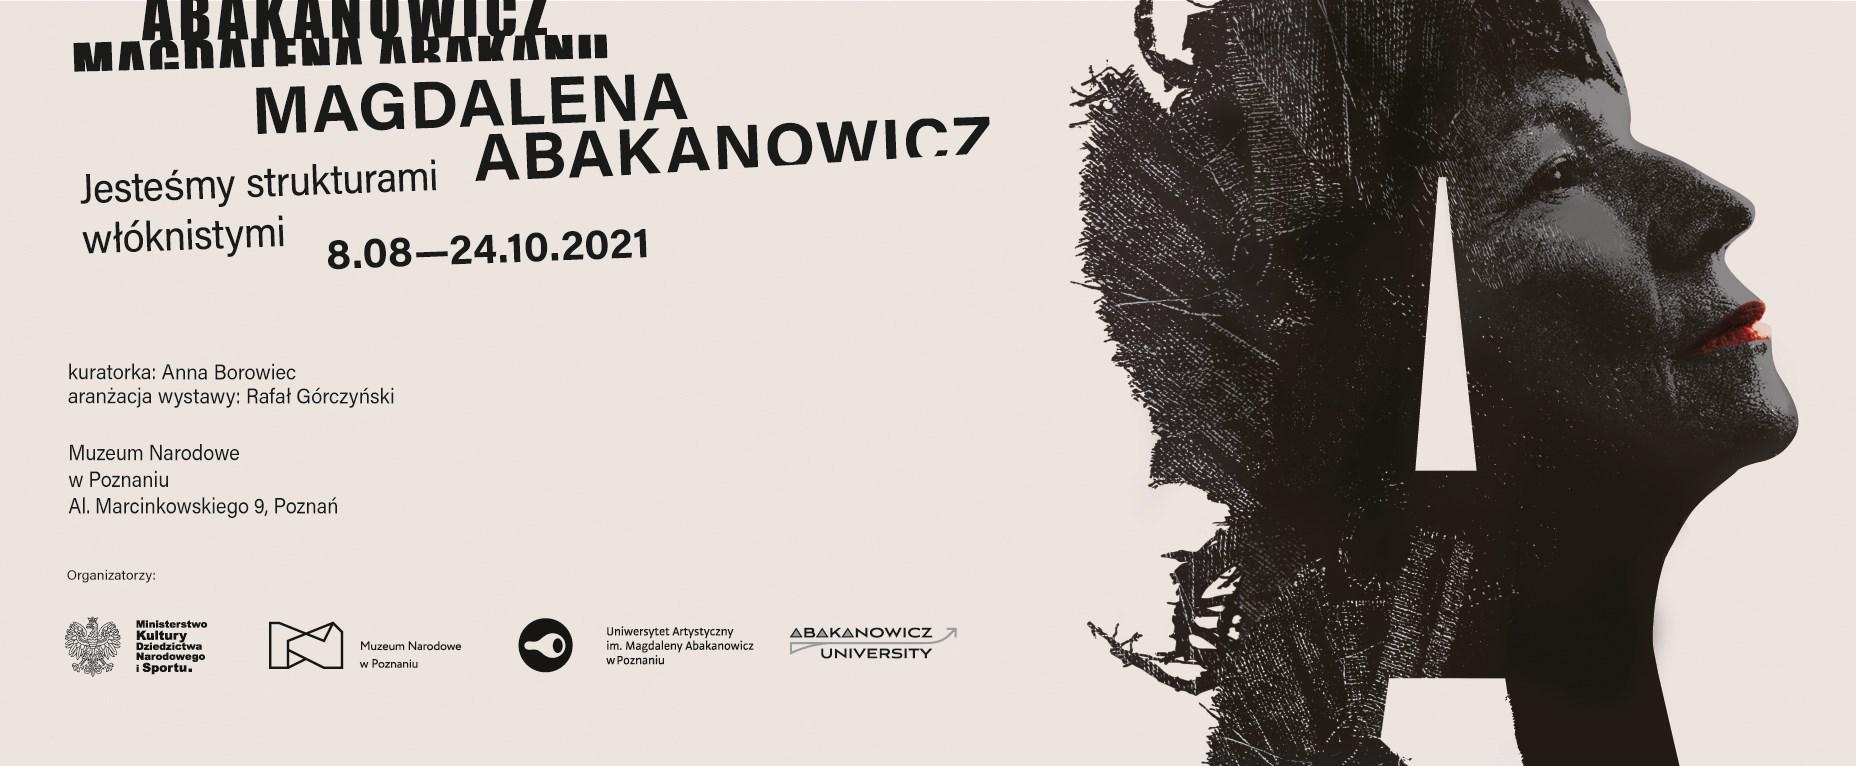 Magdalena Abakanowicz. Jesteśmy strukturami włóknistymi